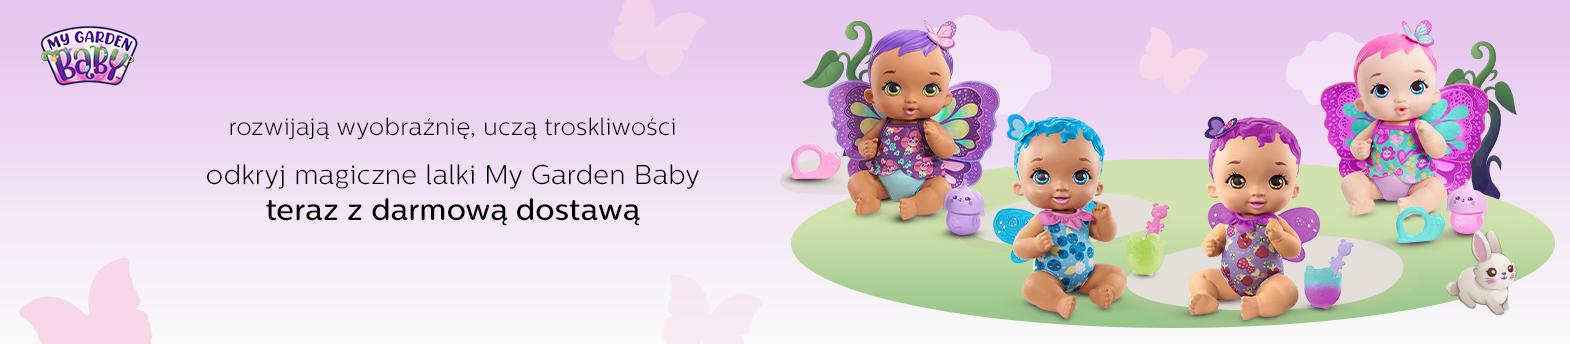 lalki My Garden Baby z darmową dostawą